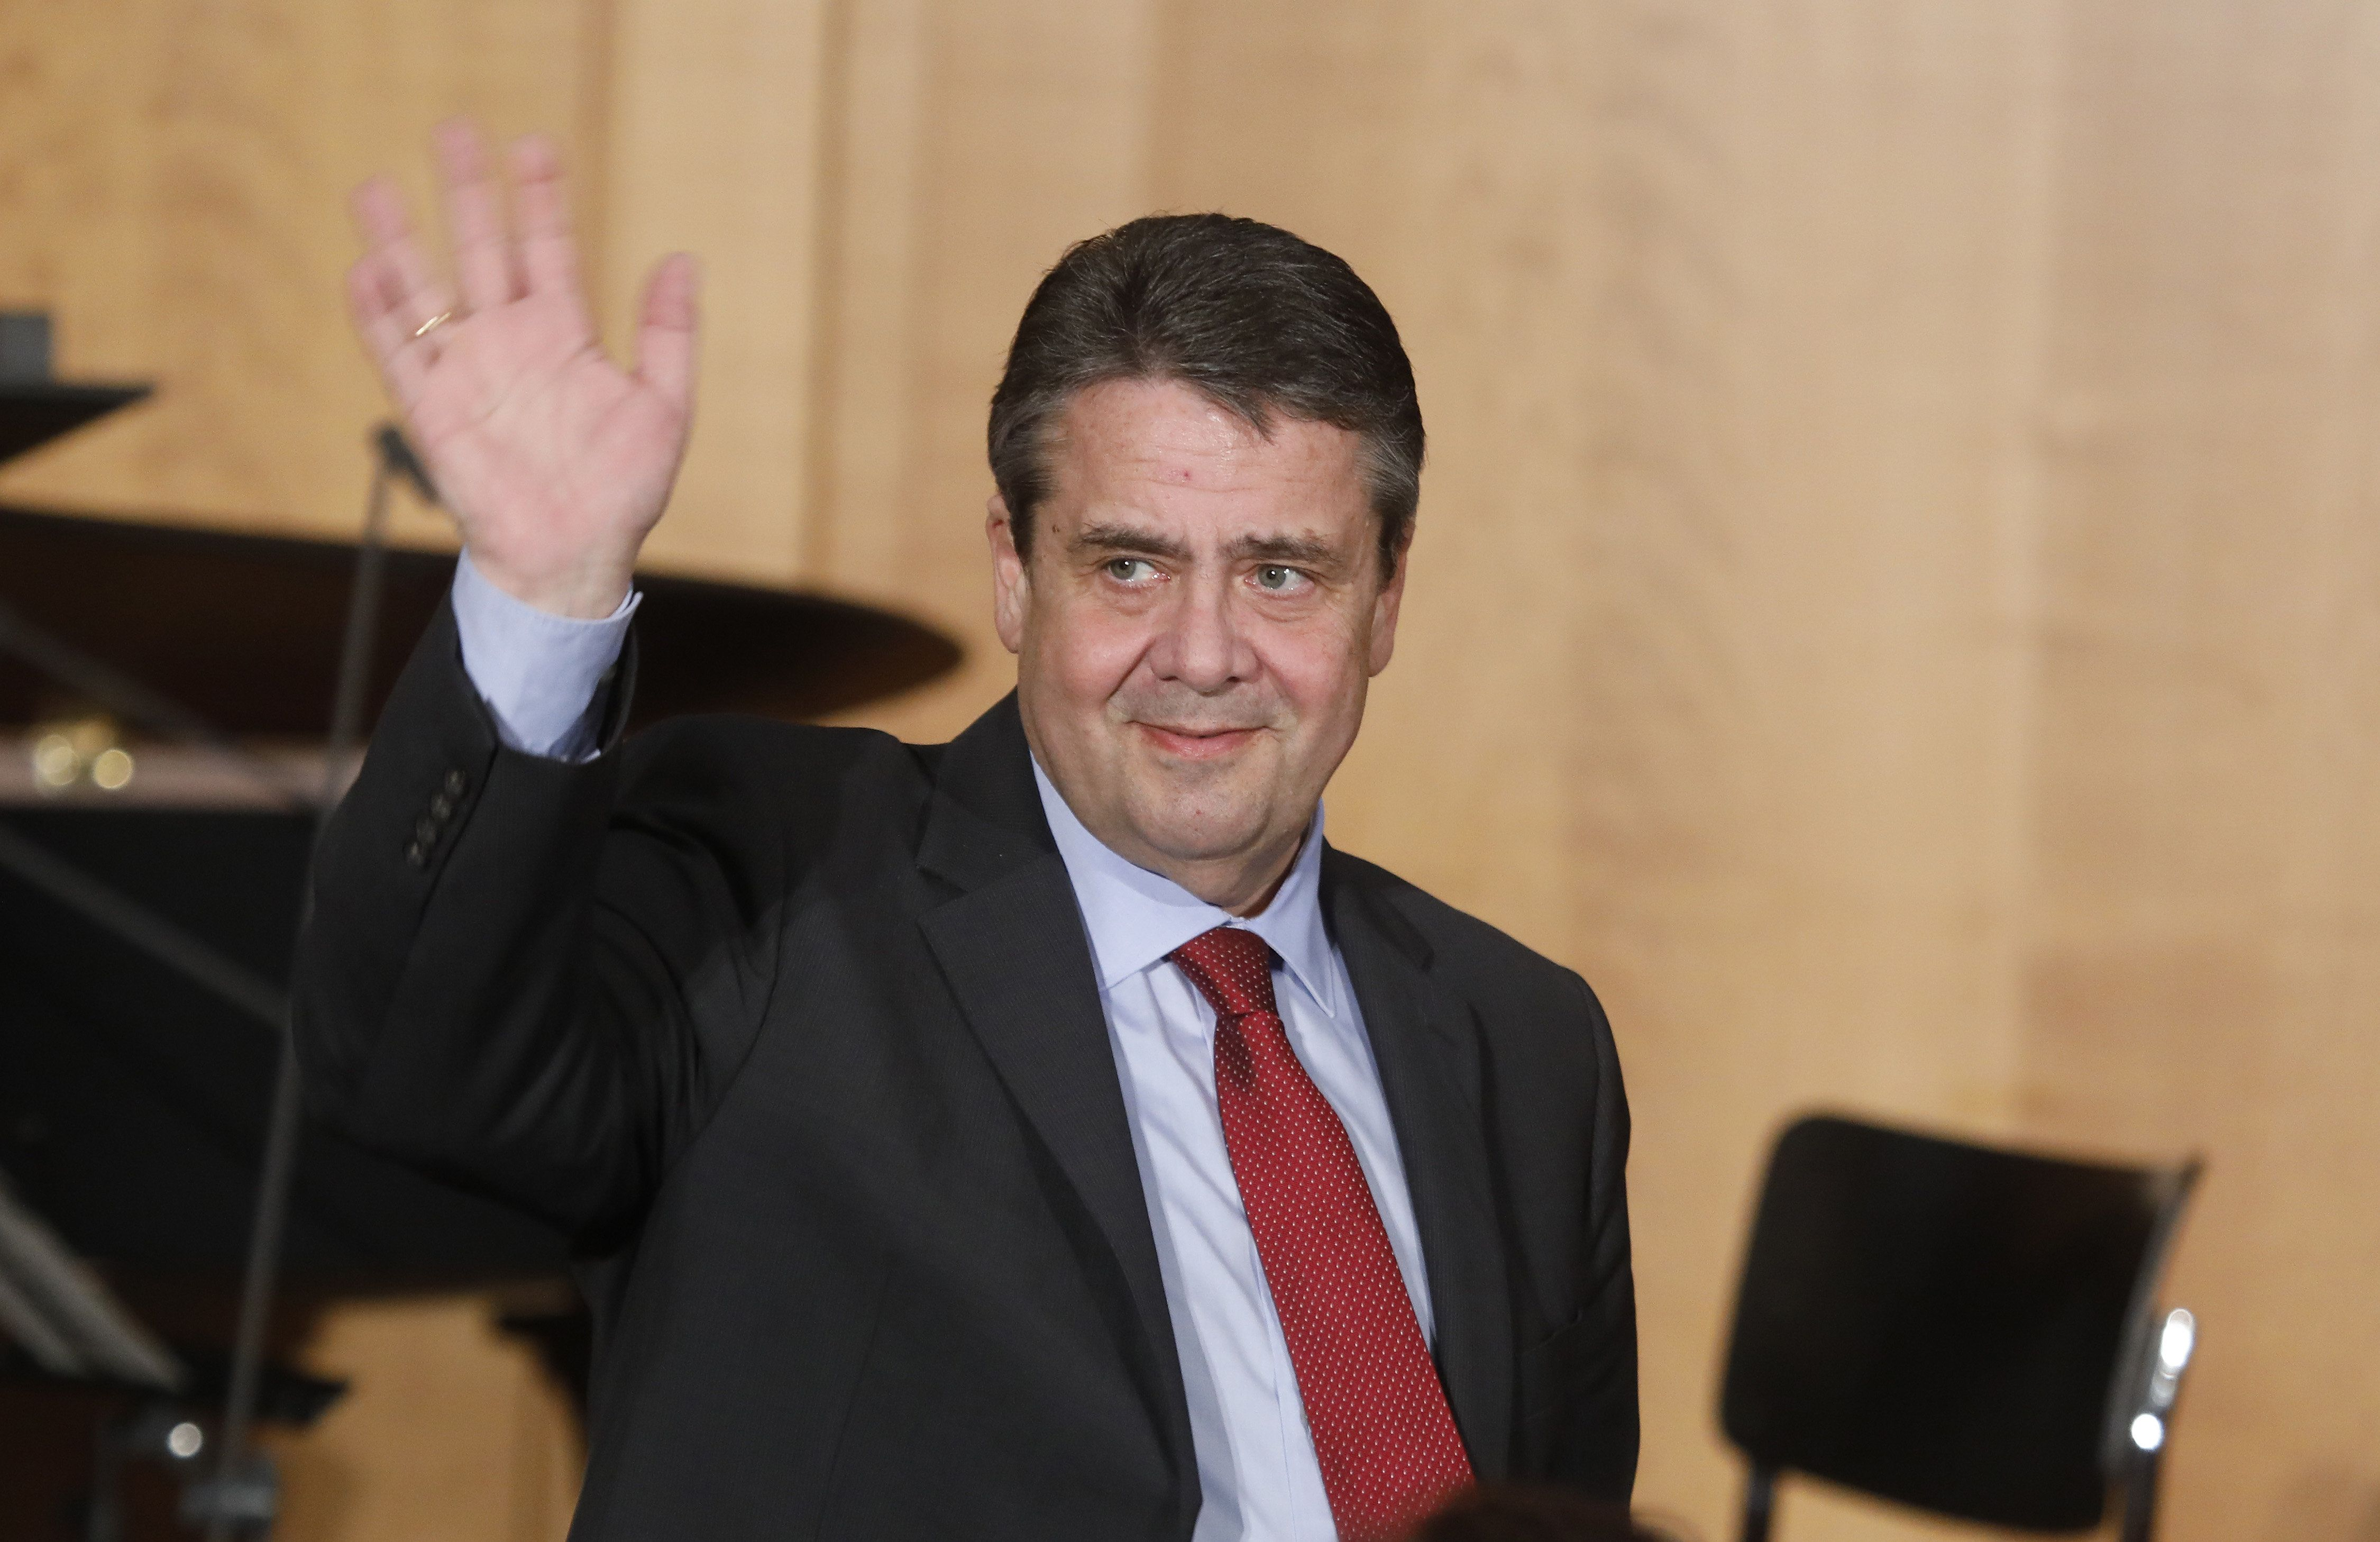 Sperre: Ex-Außenminister Gabriel darf erst in 12 Monaten wieder